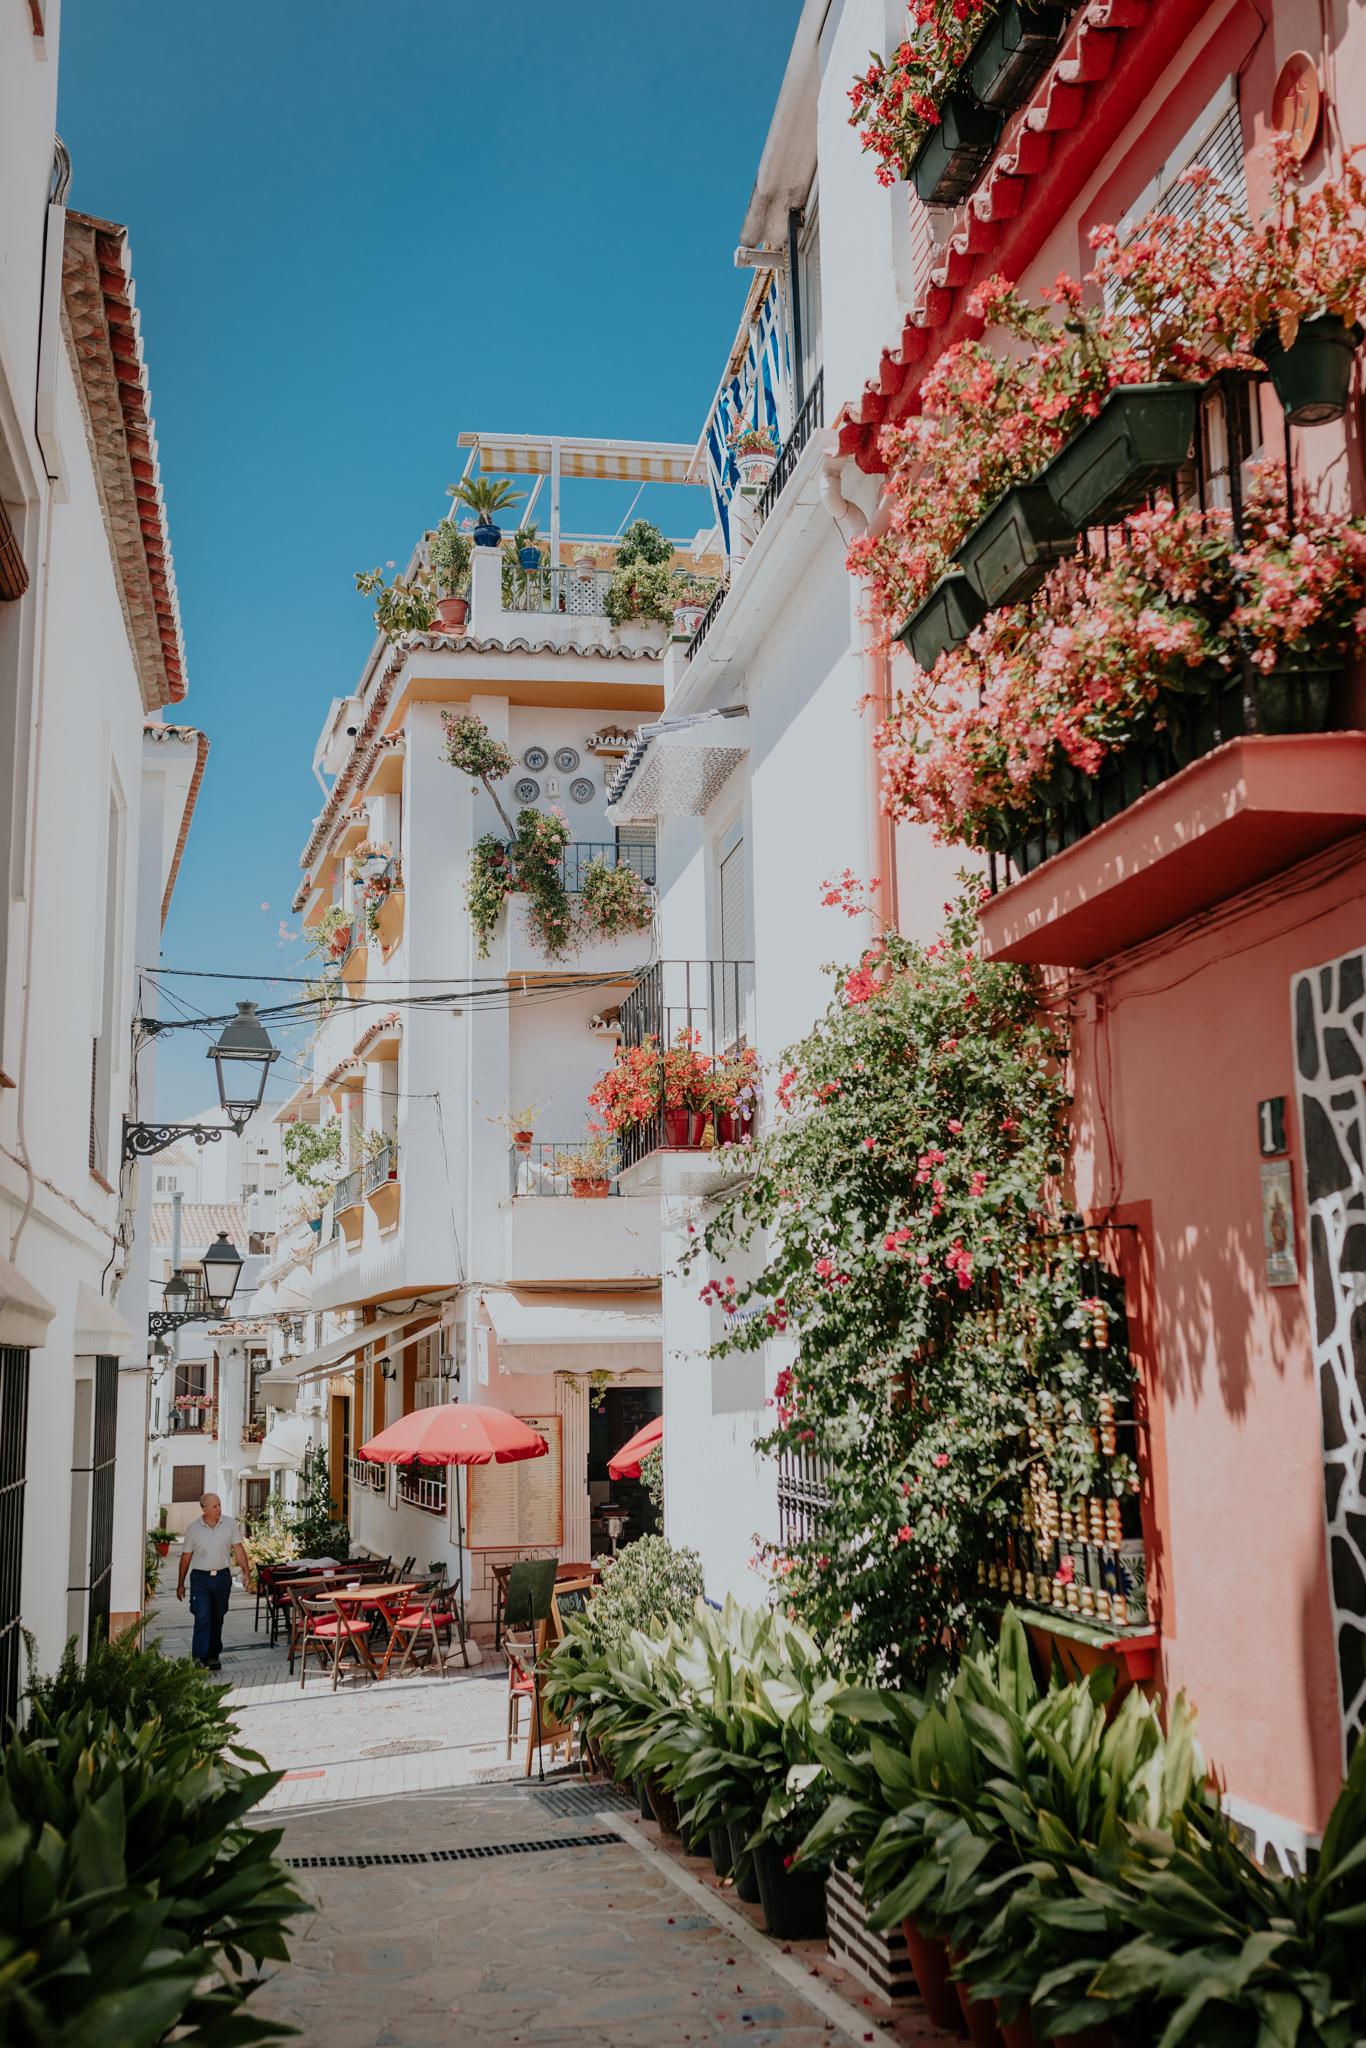 Natalie Skoric - Spain Travel Photography-43.jpg